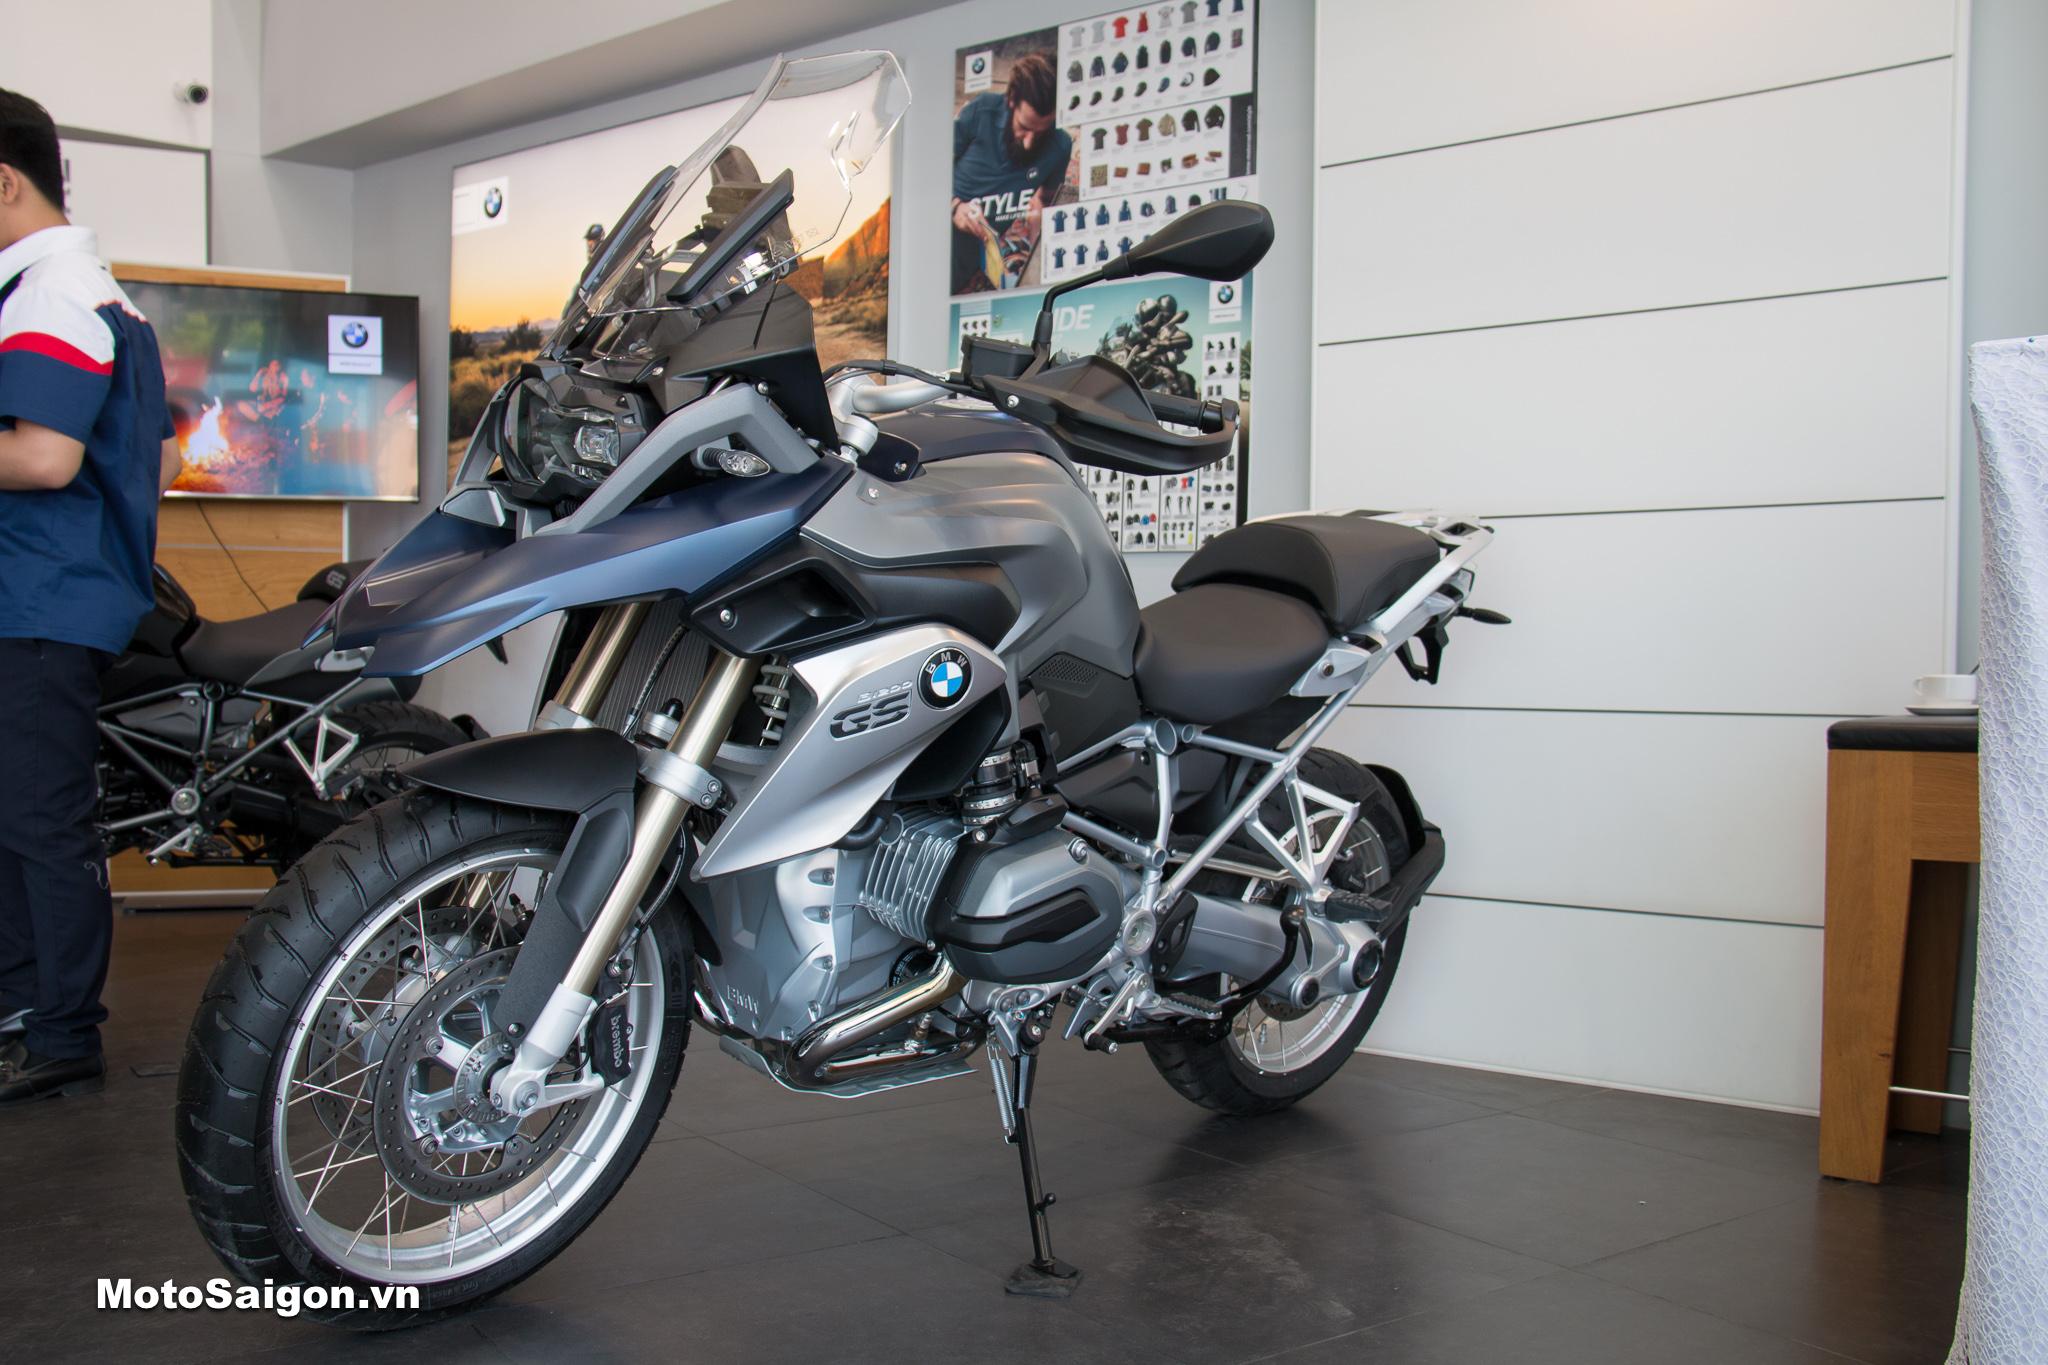 BMW R1200GS chính hãng